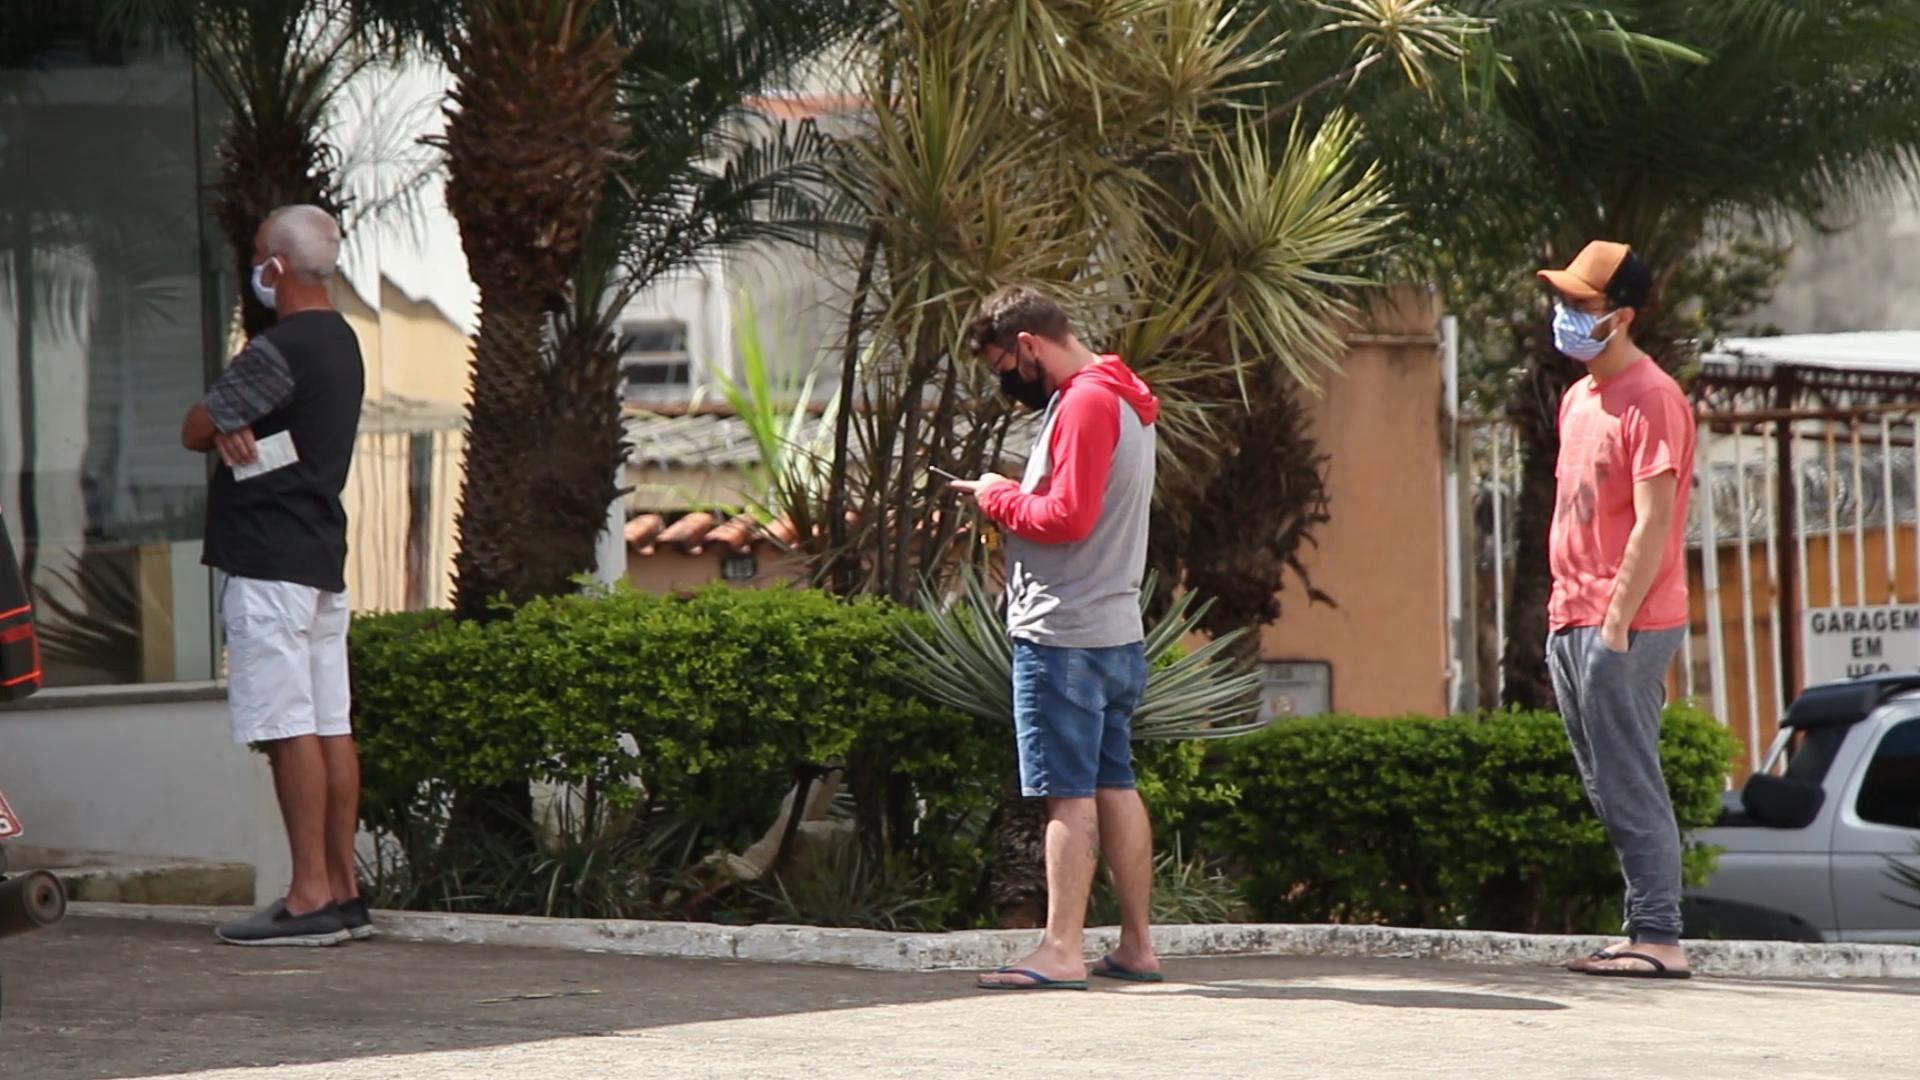 Em espaços públicos, as pessoas devem manter uma distância de segurança entre si